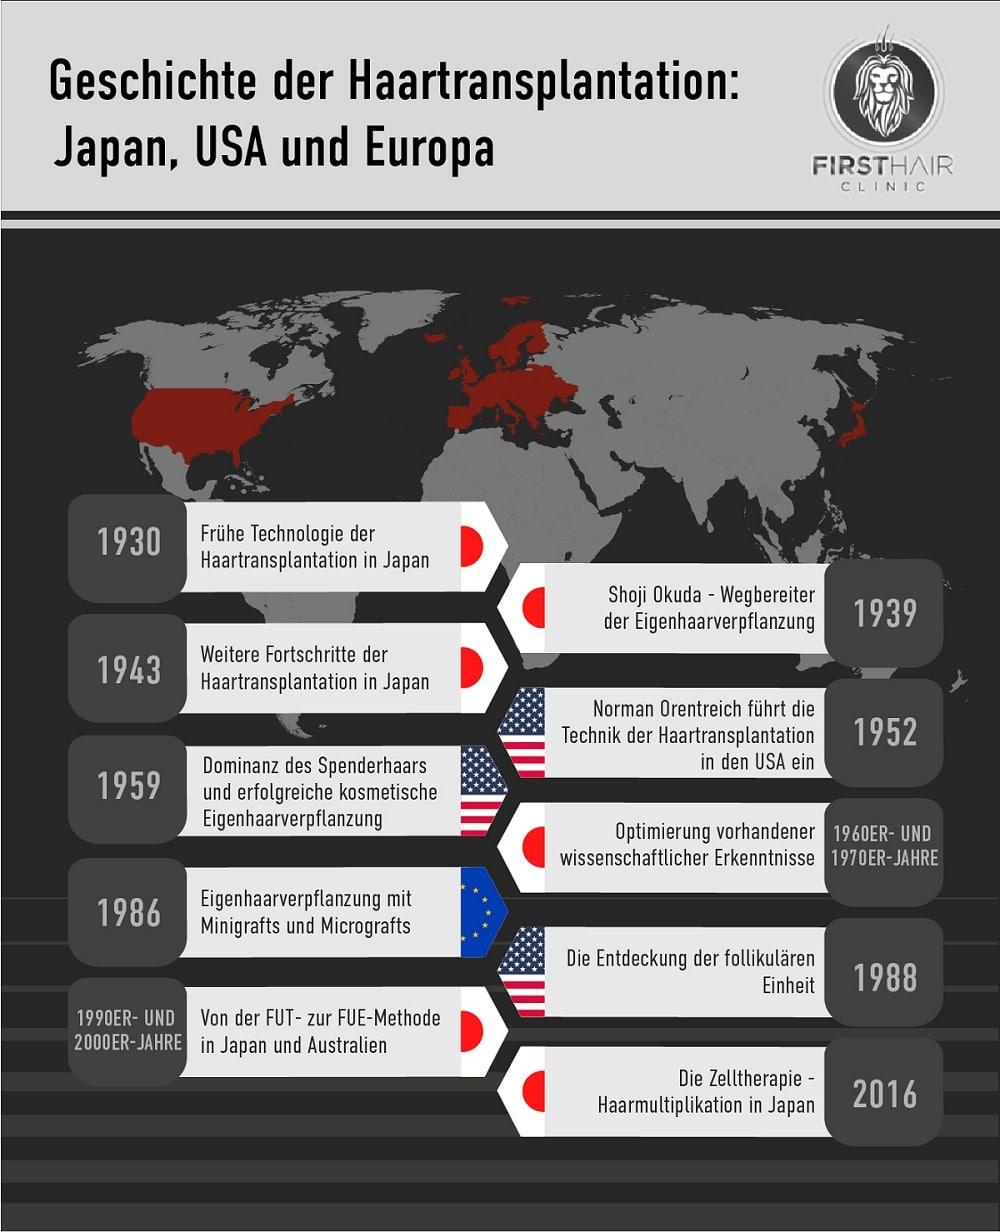 Die Geschichte der Haartransplantation hat seinen Ursprung in Japan